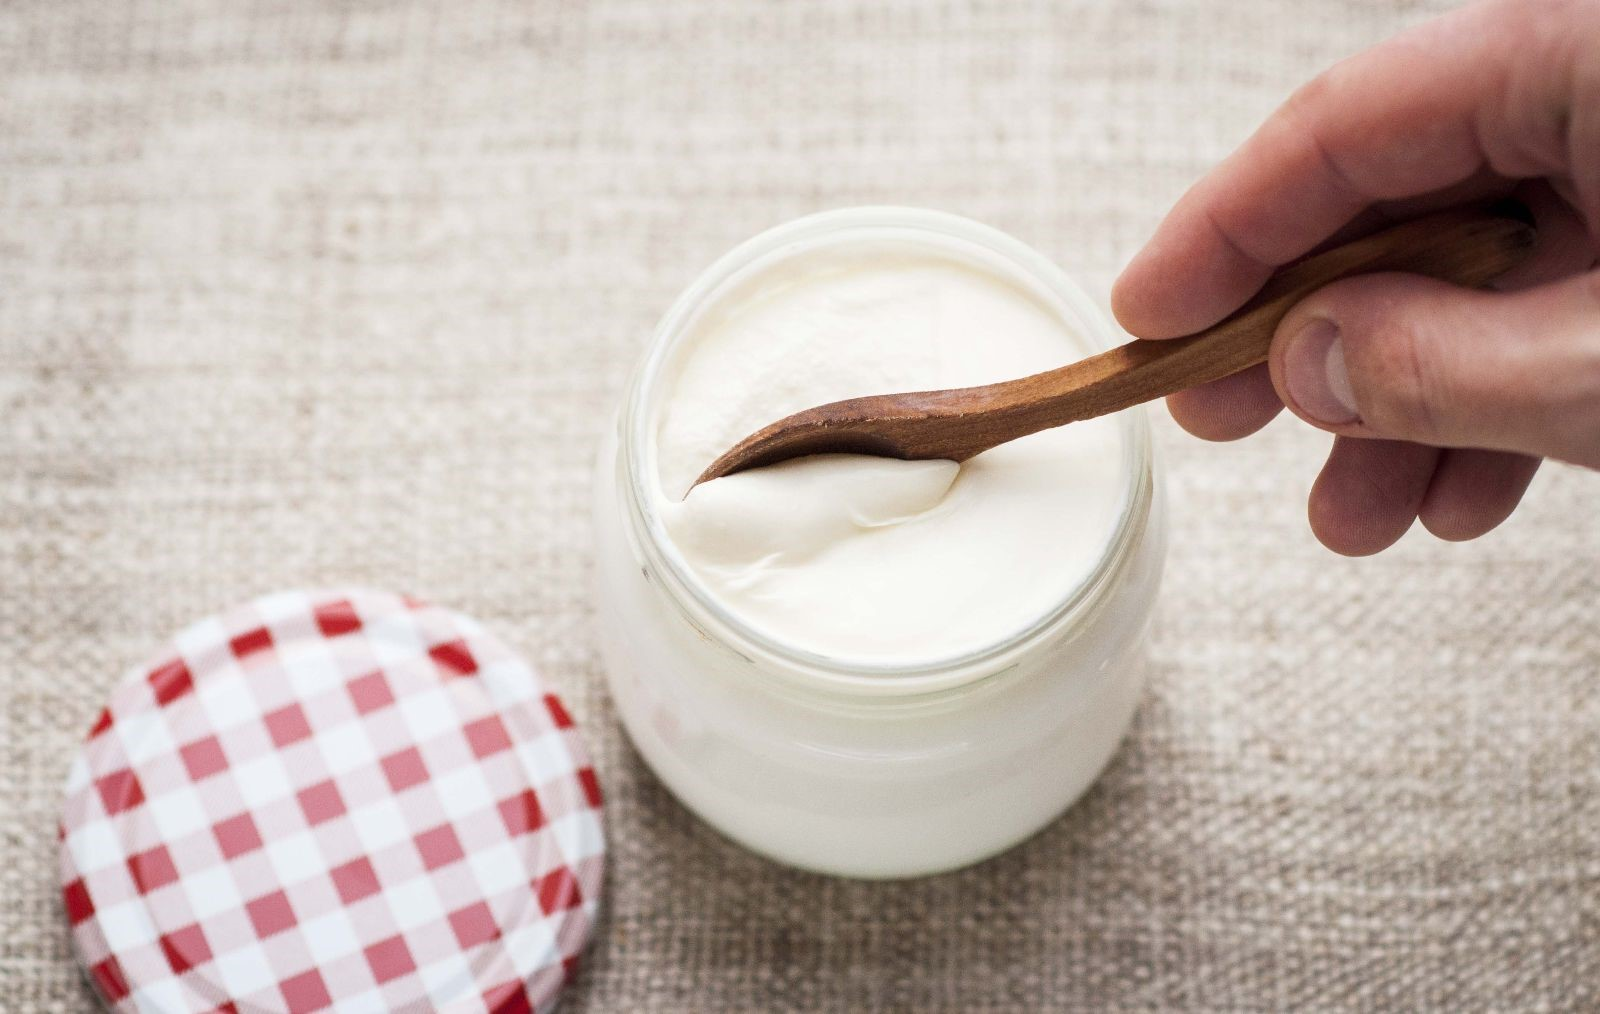 Top 6 Thực phẩm vàng nếu ăn thường xuyên sẽ giảm mỡ nhanh chóng